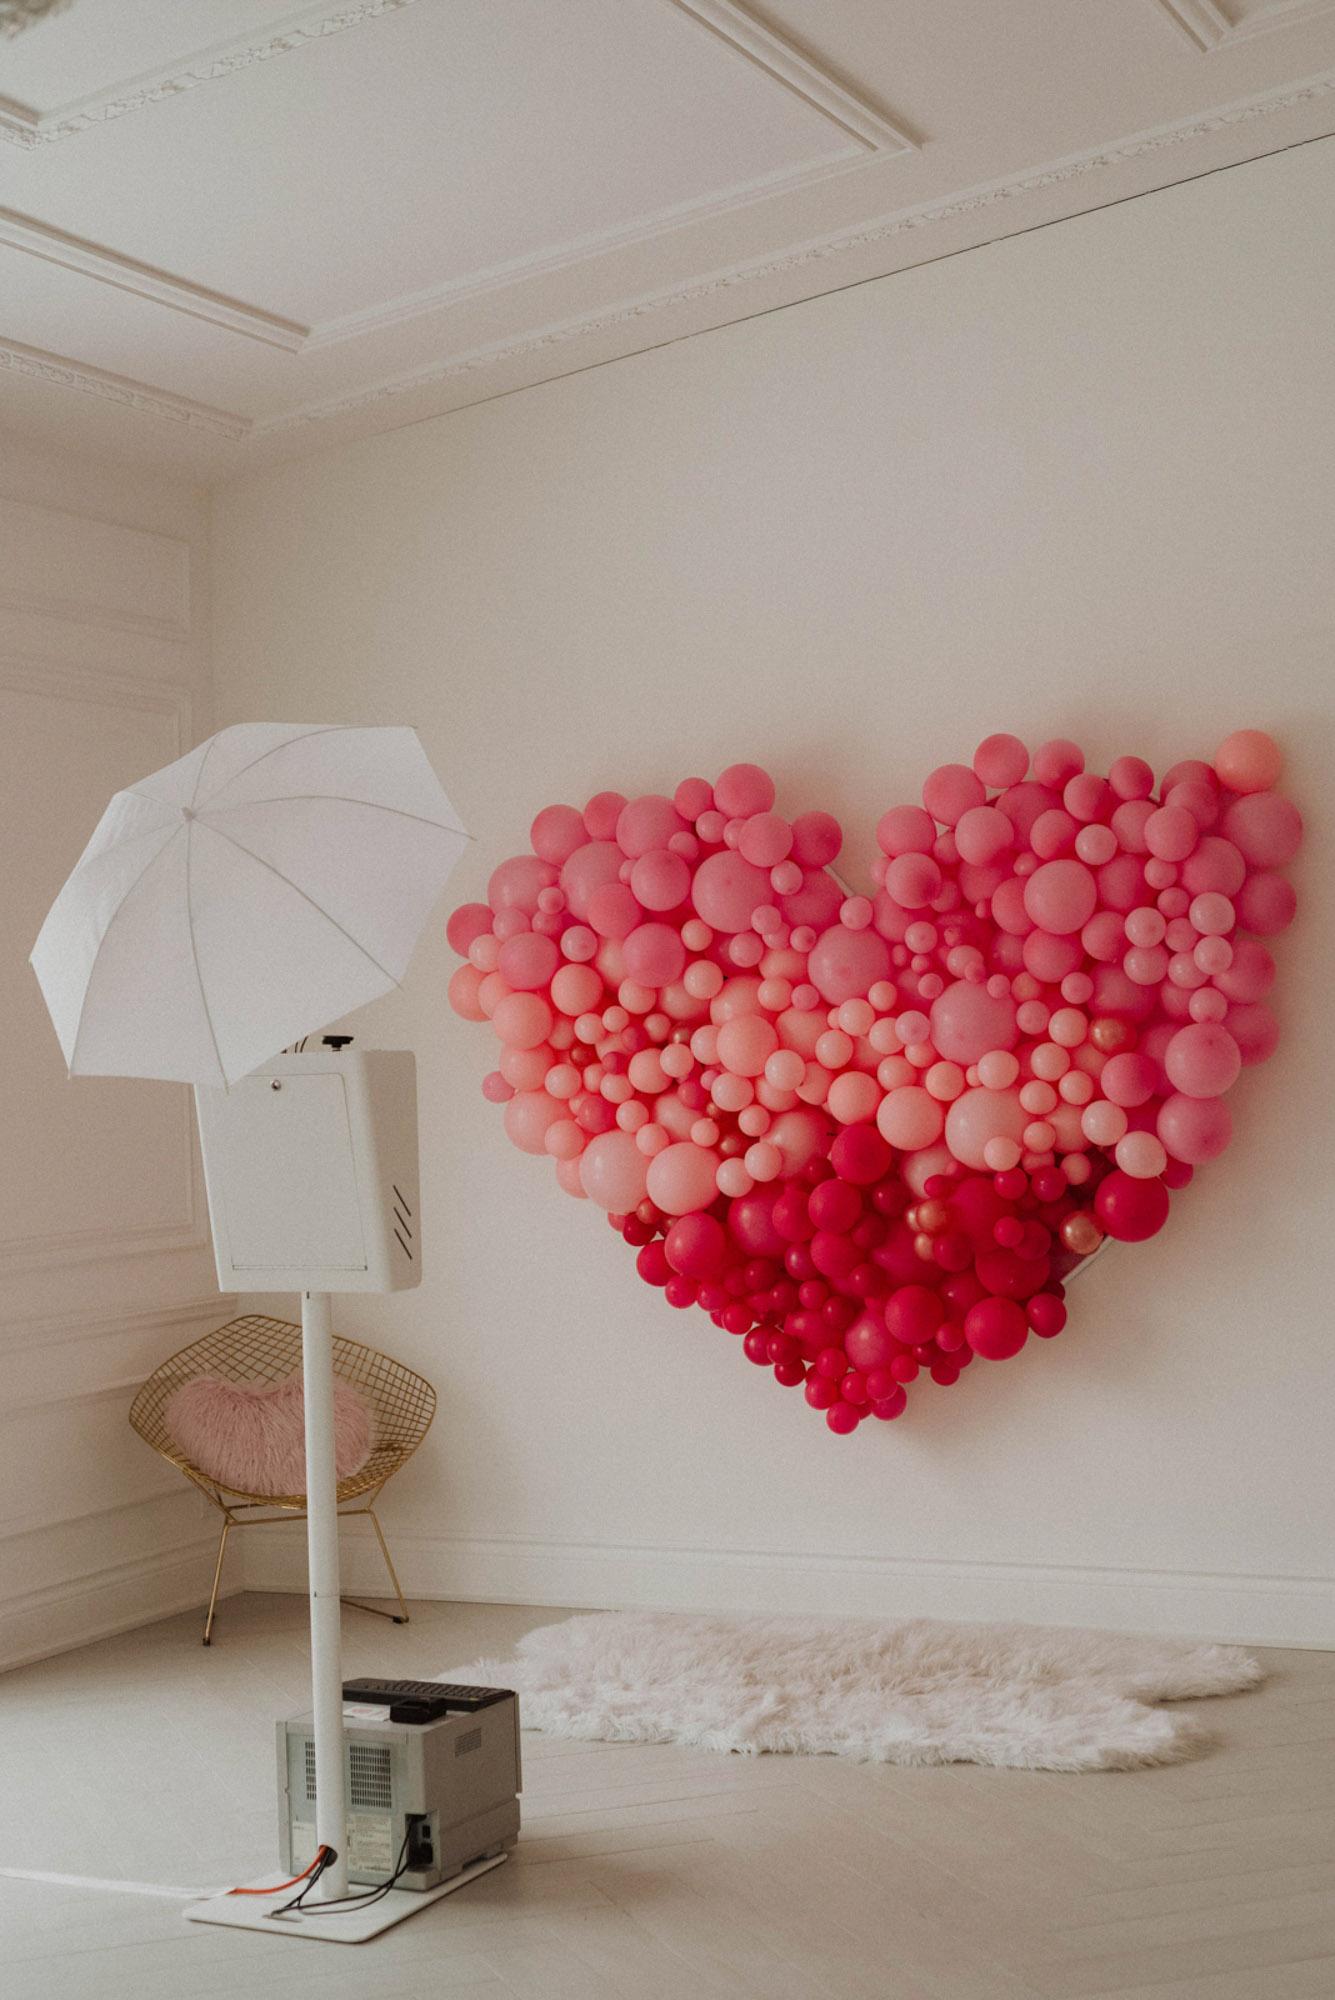 heart balloons ombre